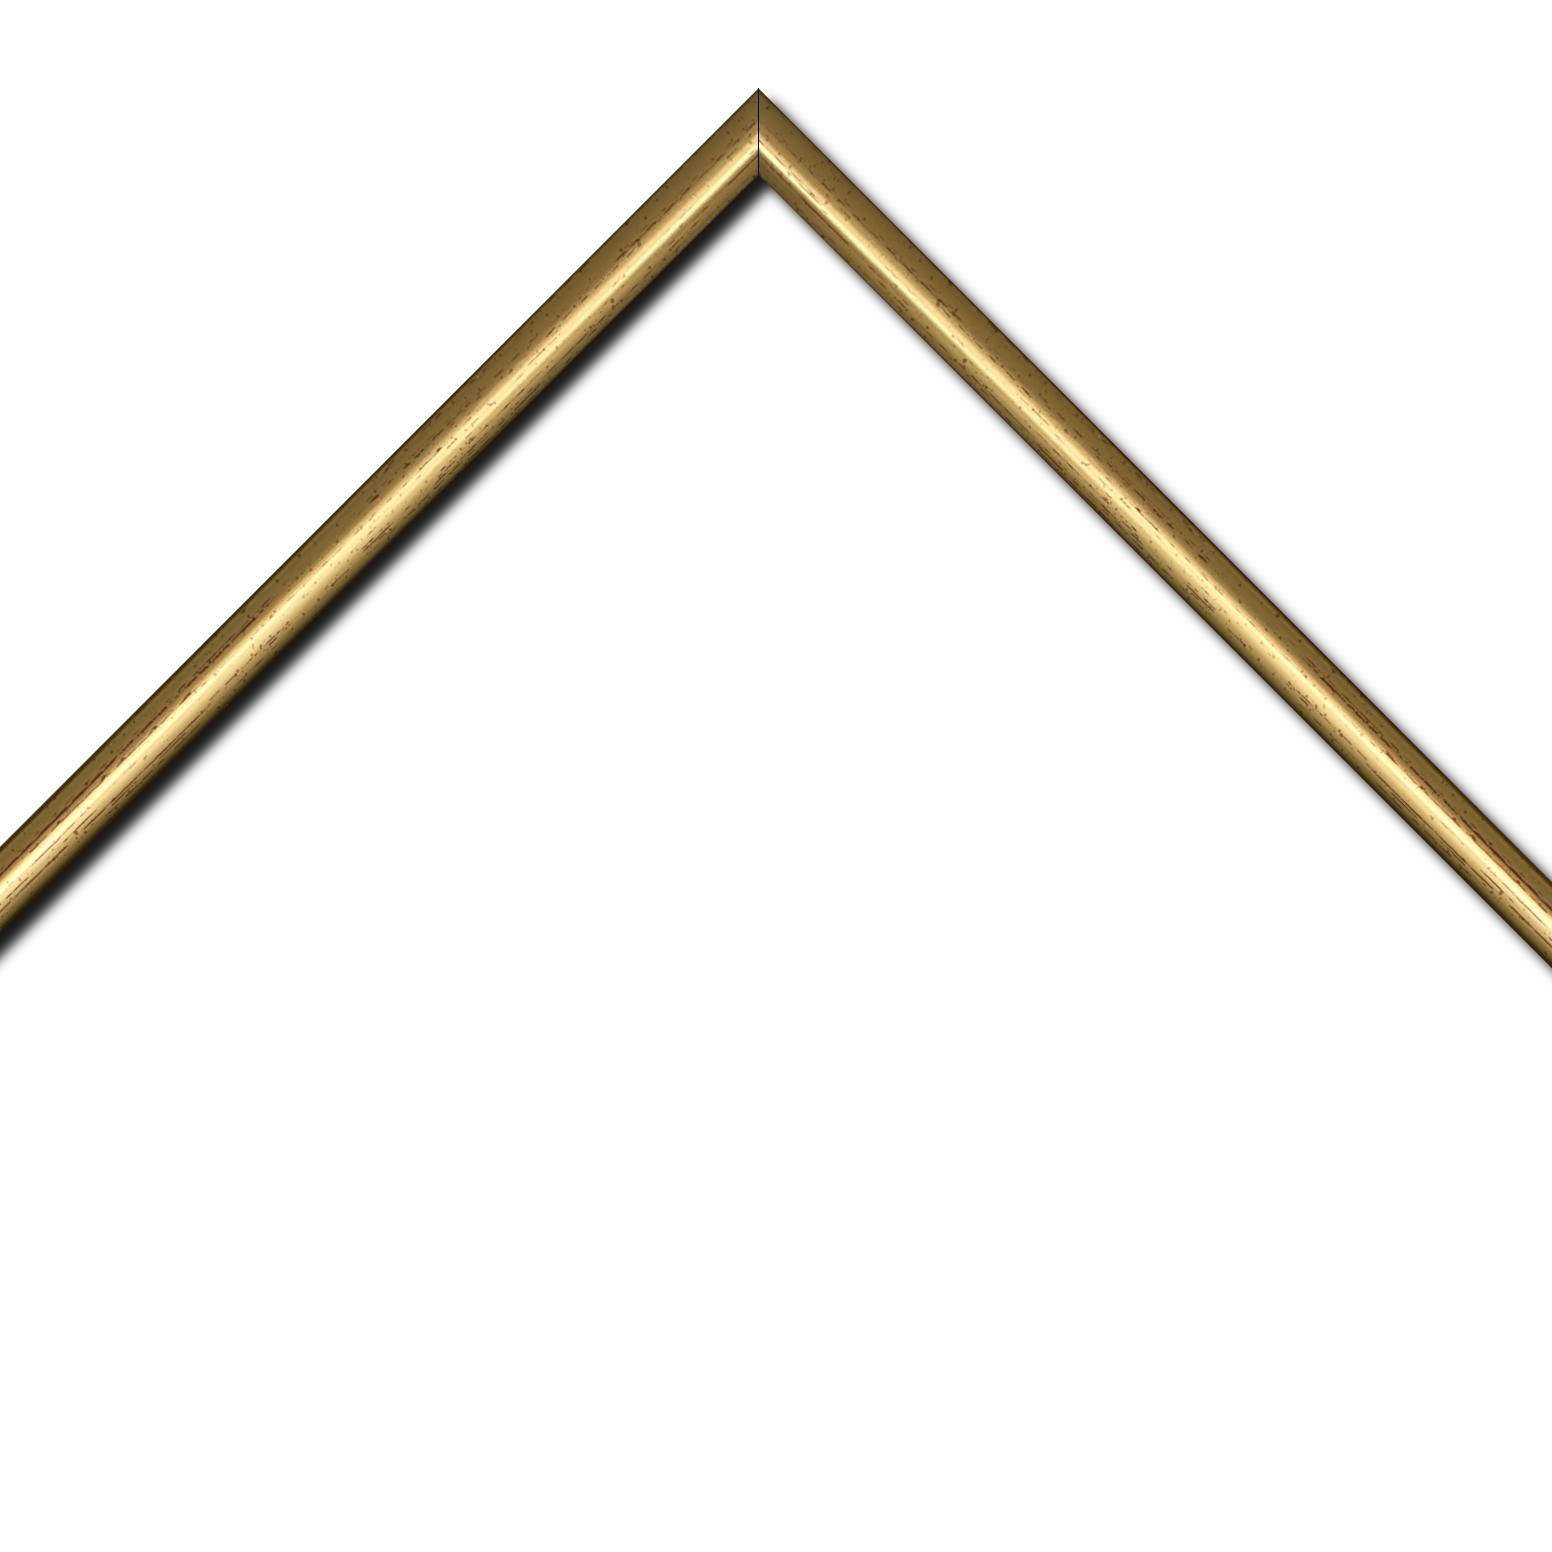 Baguette bois profil demi rond largeur 1.5cm couleur or